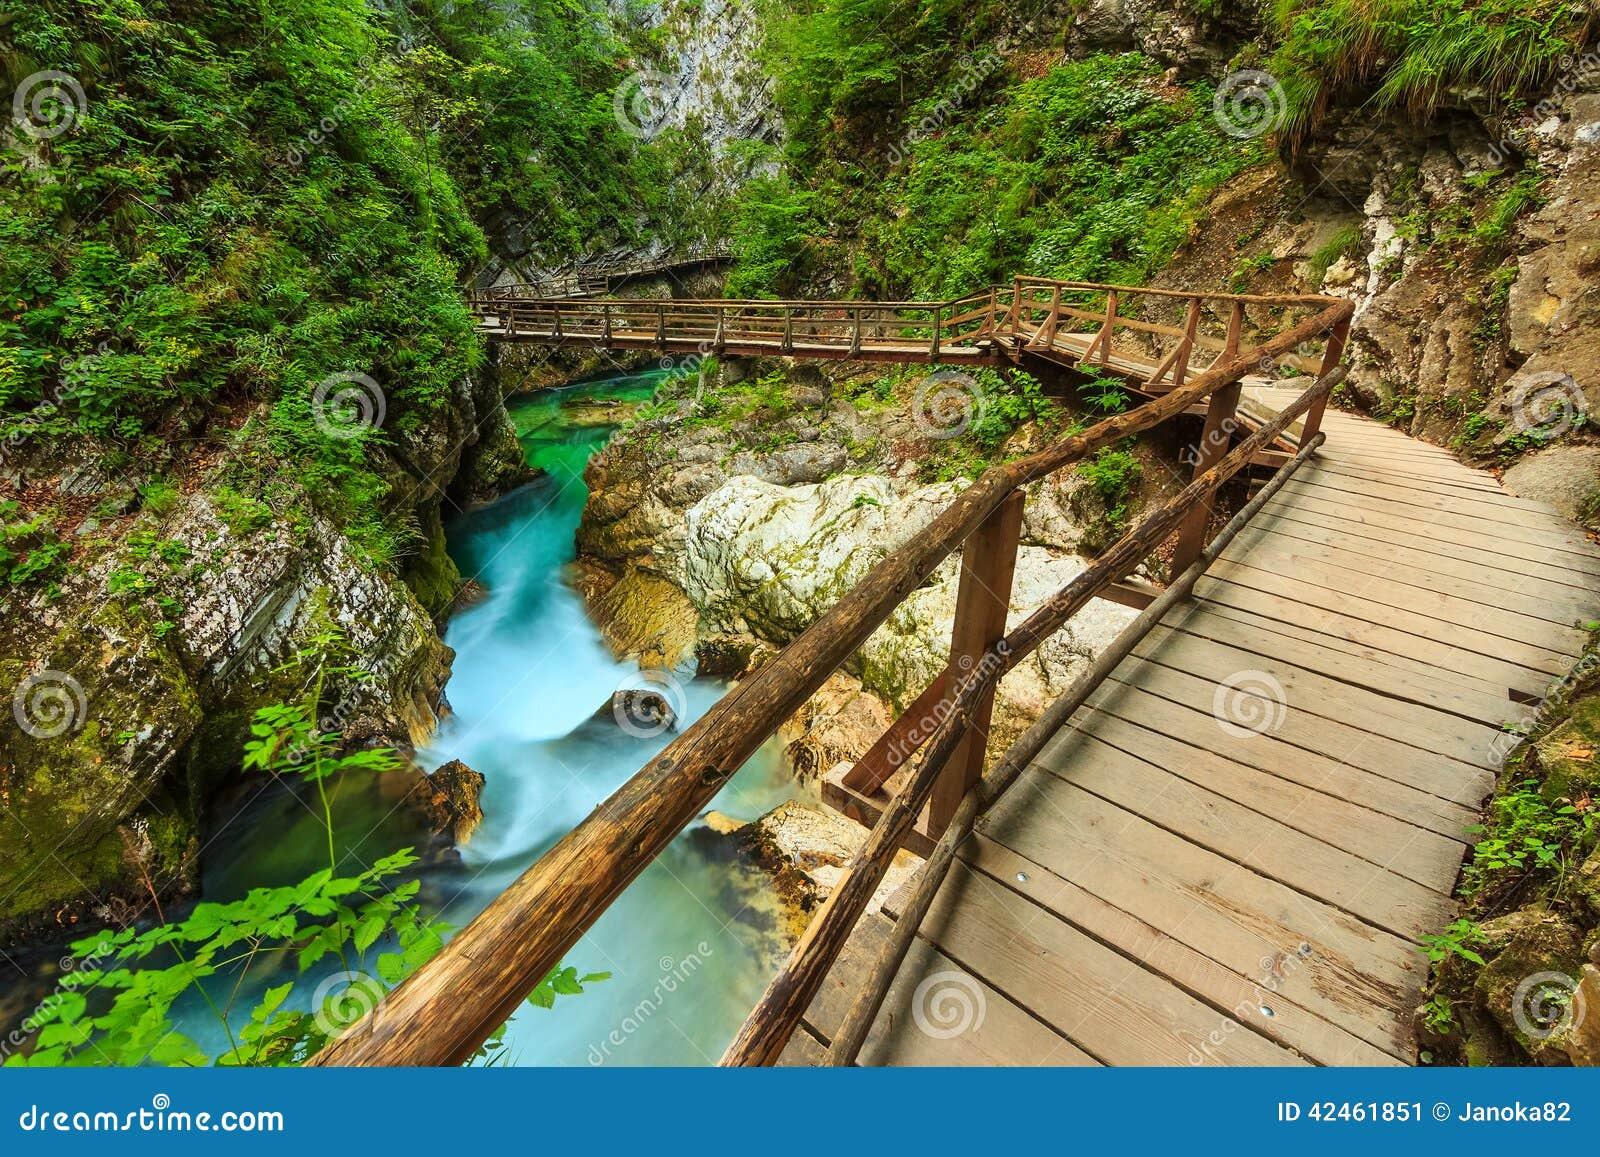 Holzbrücke und Green River, Vintgar-Schlucht, Slowenien, Europa